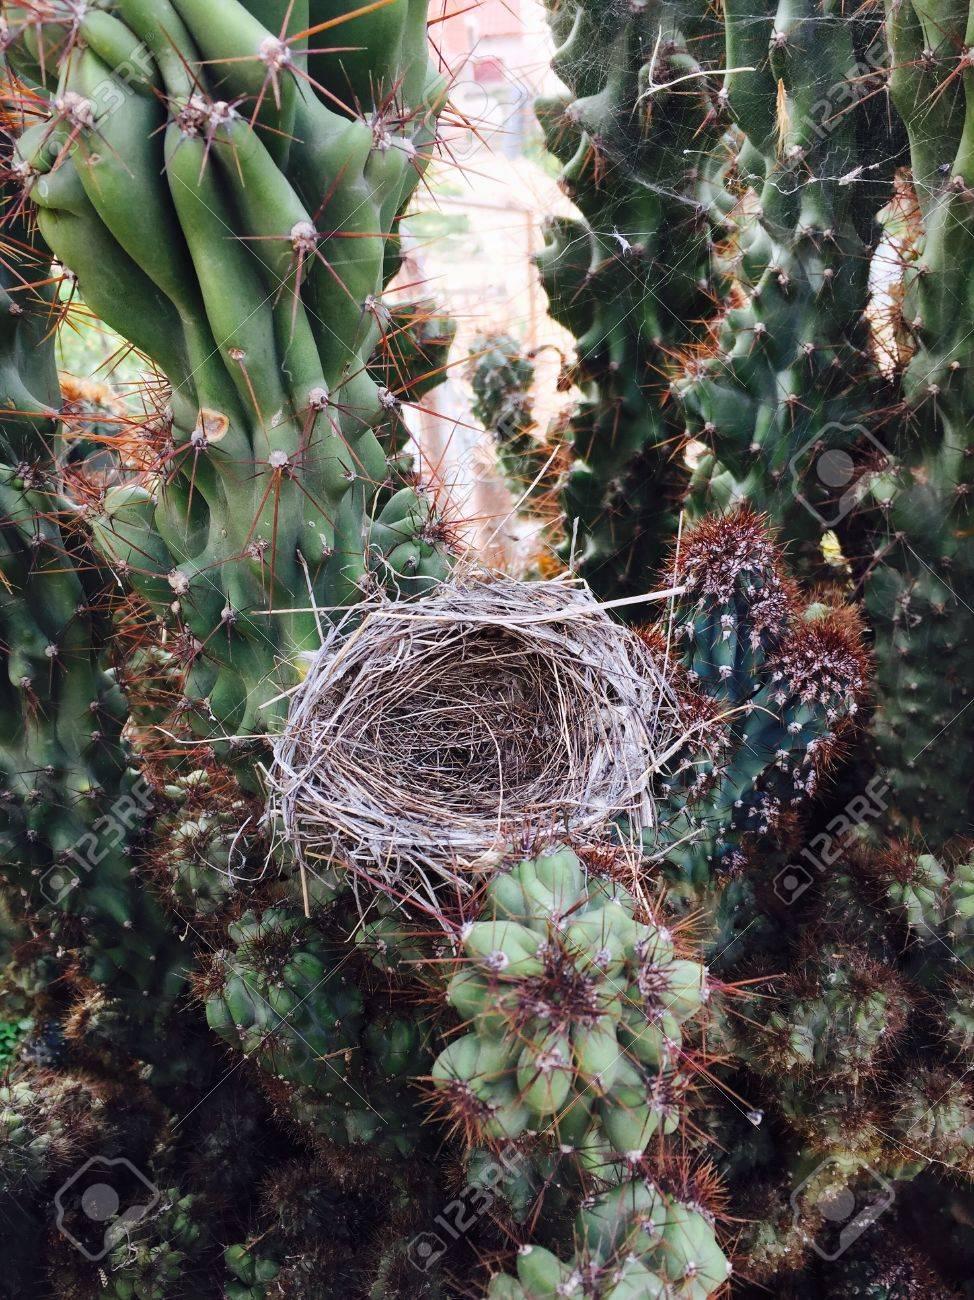 Un Nido De Pájaro En Una Flor De Cactus Fotos, Retratos, Imágenes Y ...